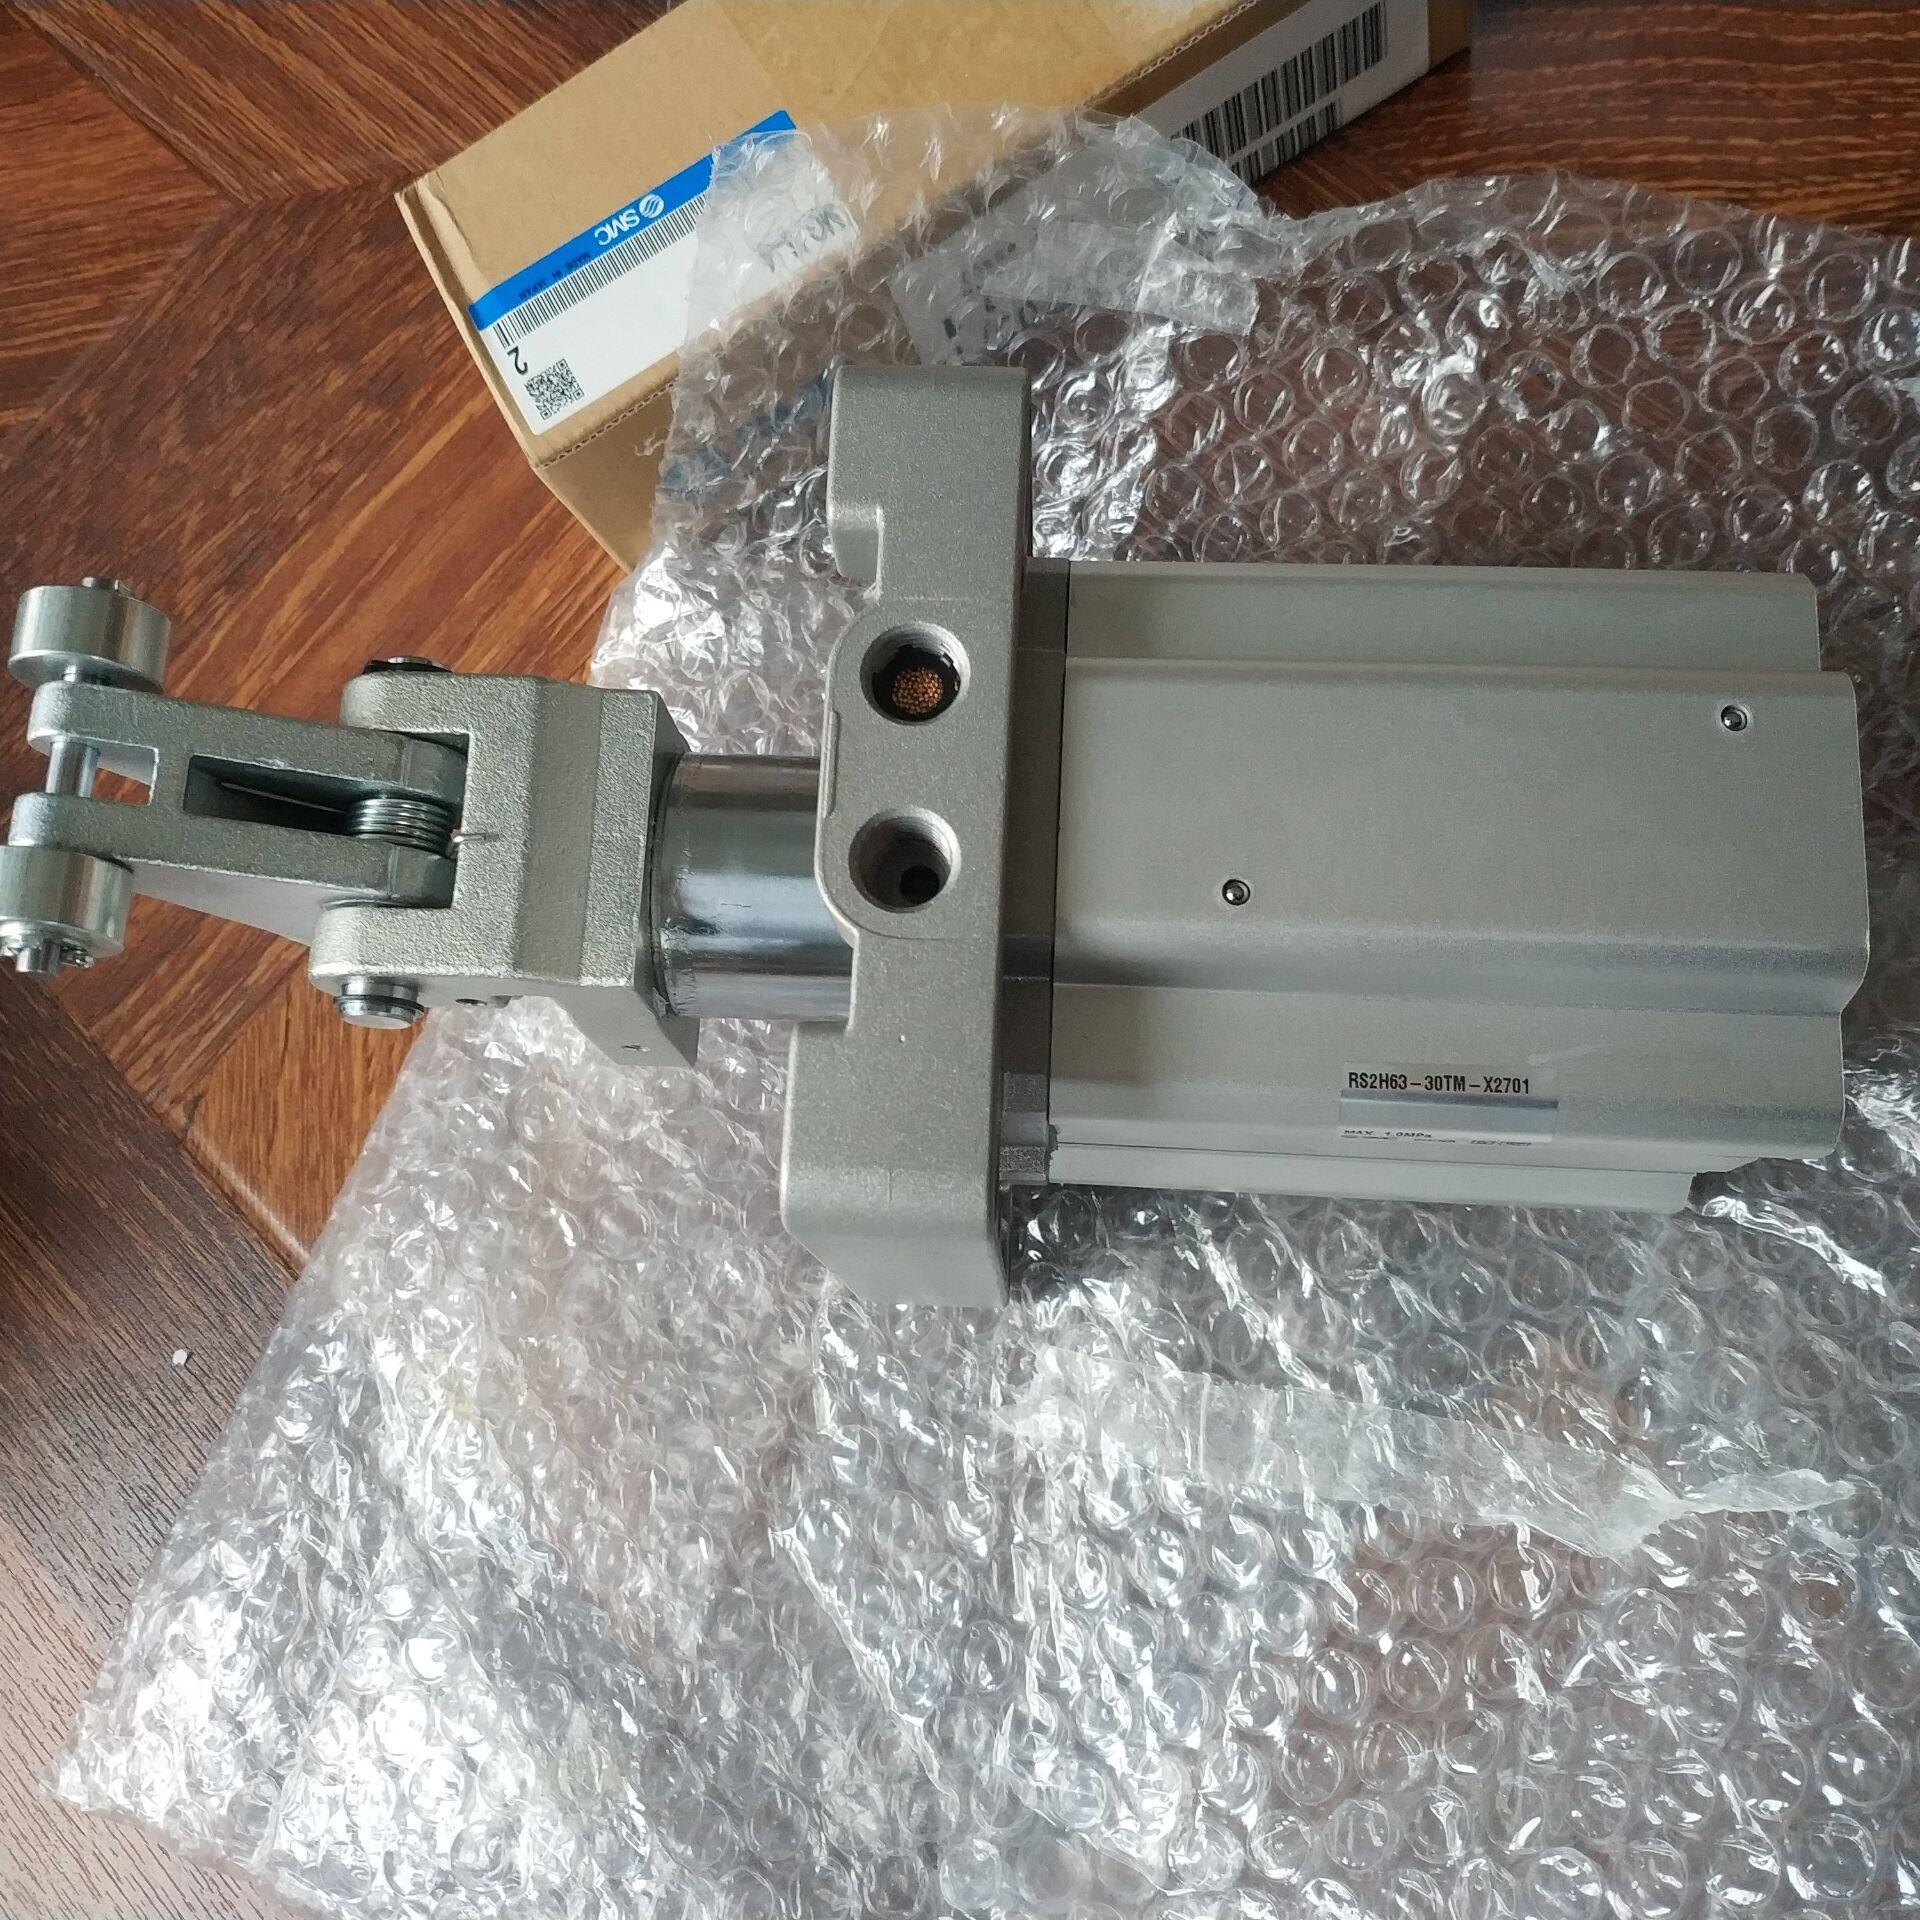 Xylanh SMC RS2H63-30TM-X2701